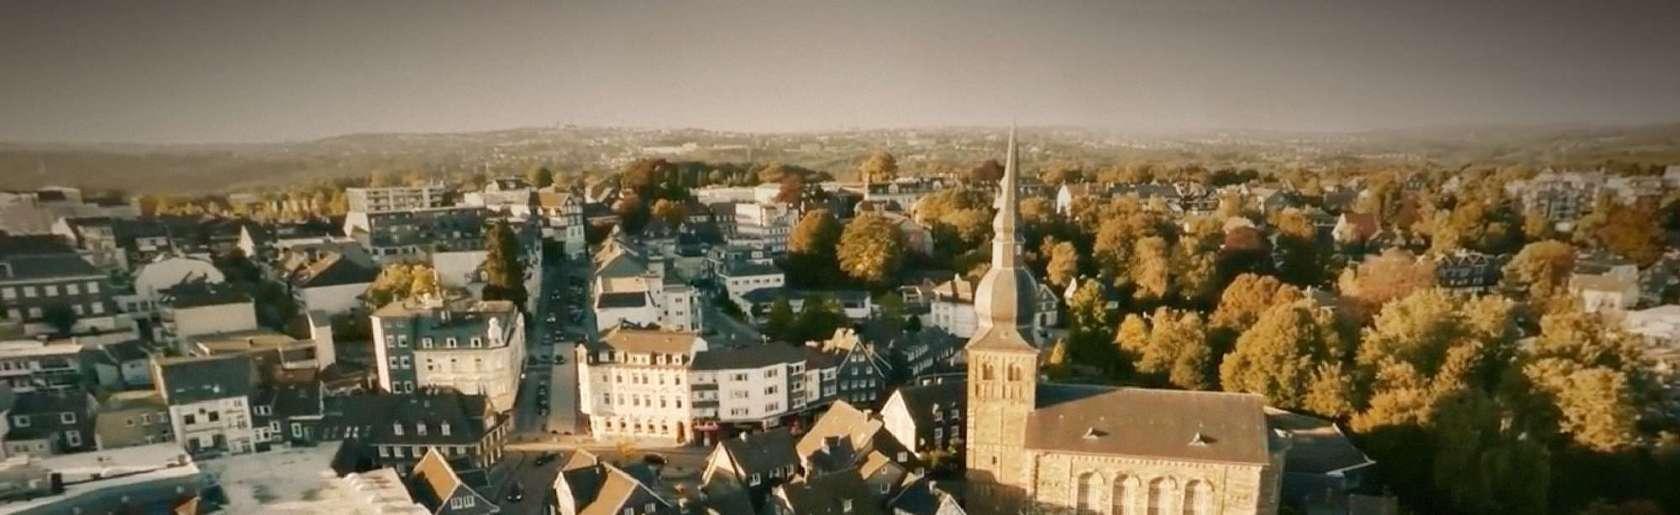 Forum Wermelskirchen – Infoportal für Politik, Kultur, Events und Alltag aus der Region